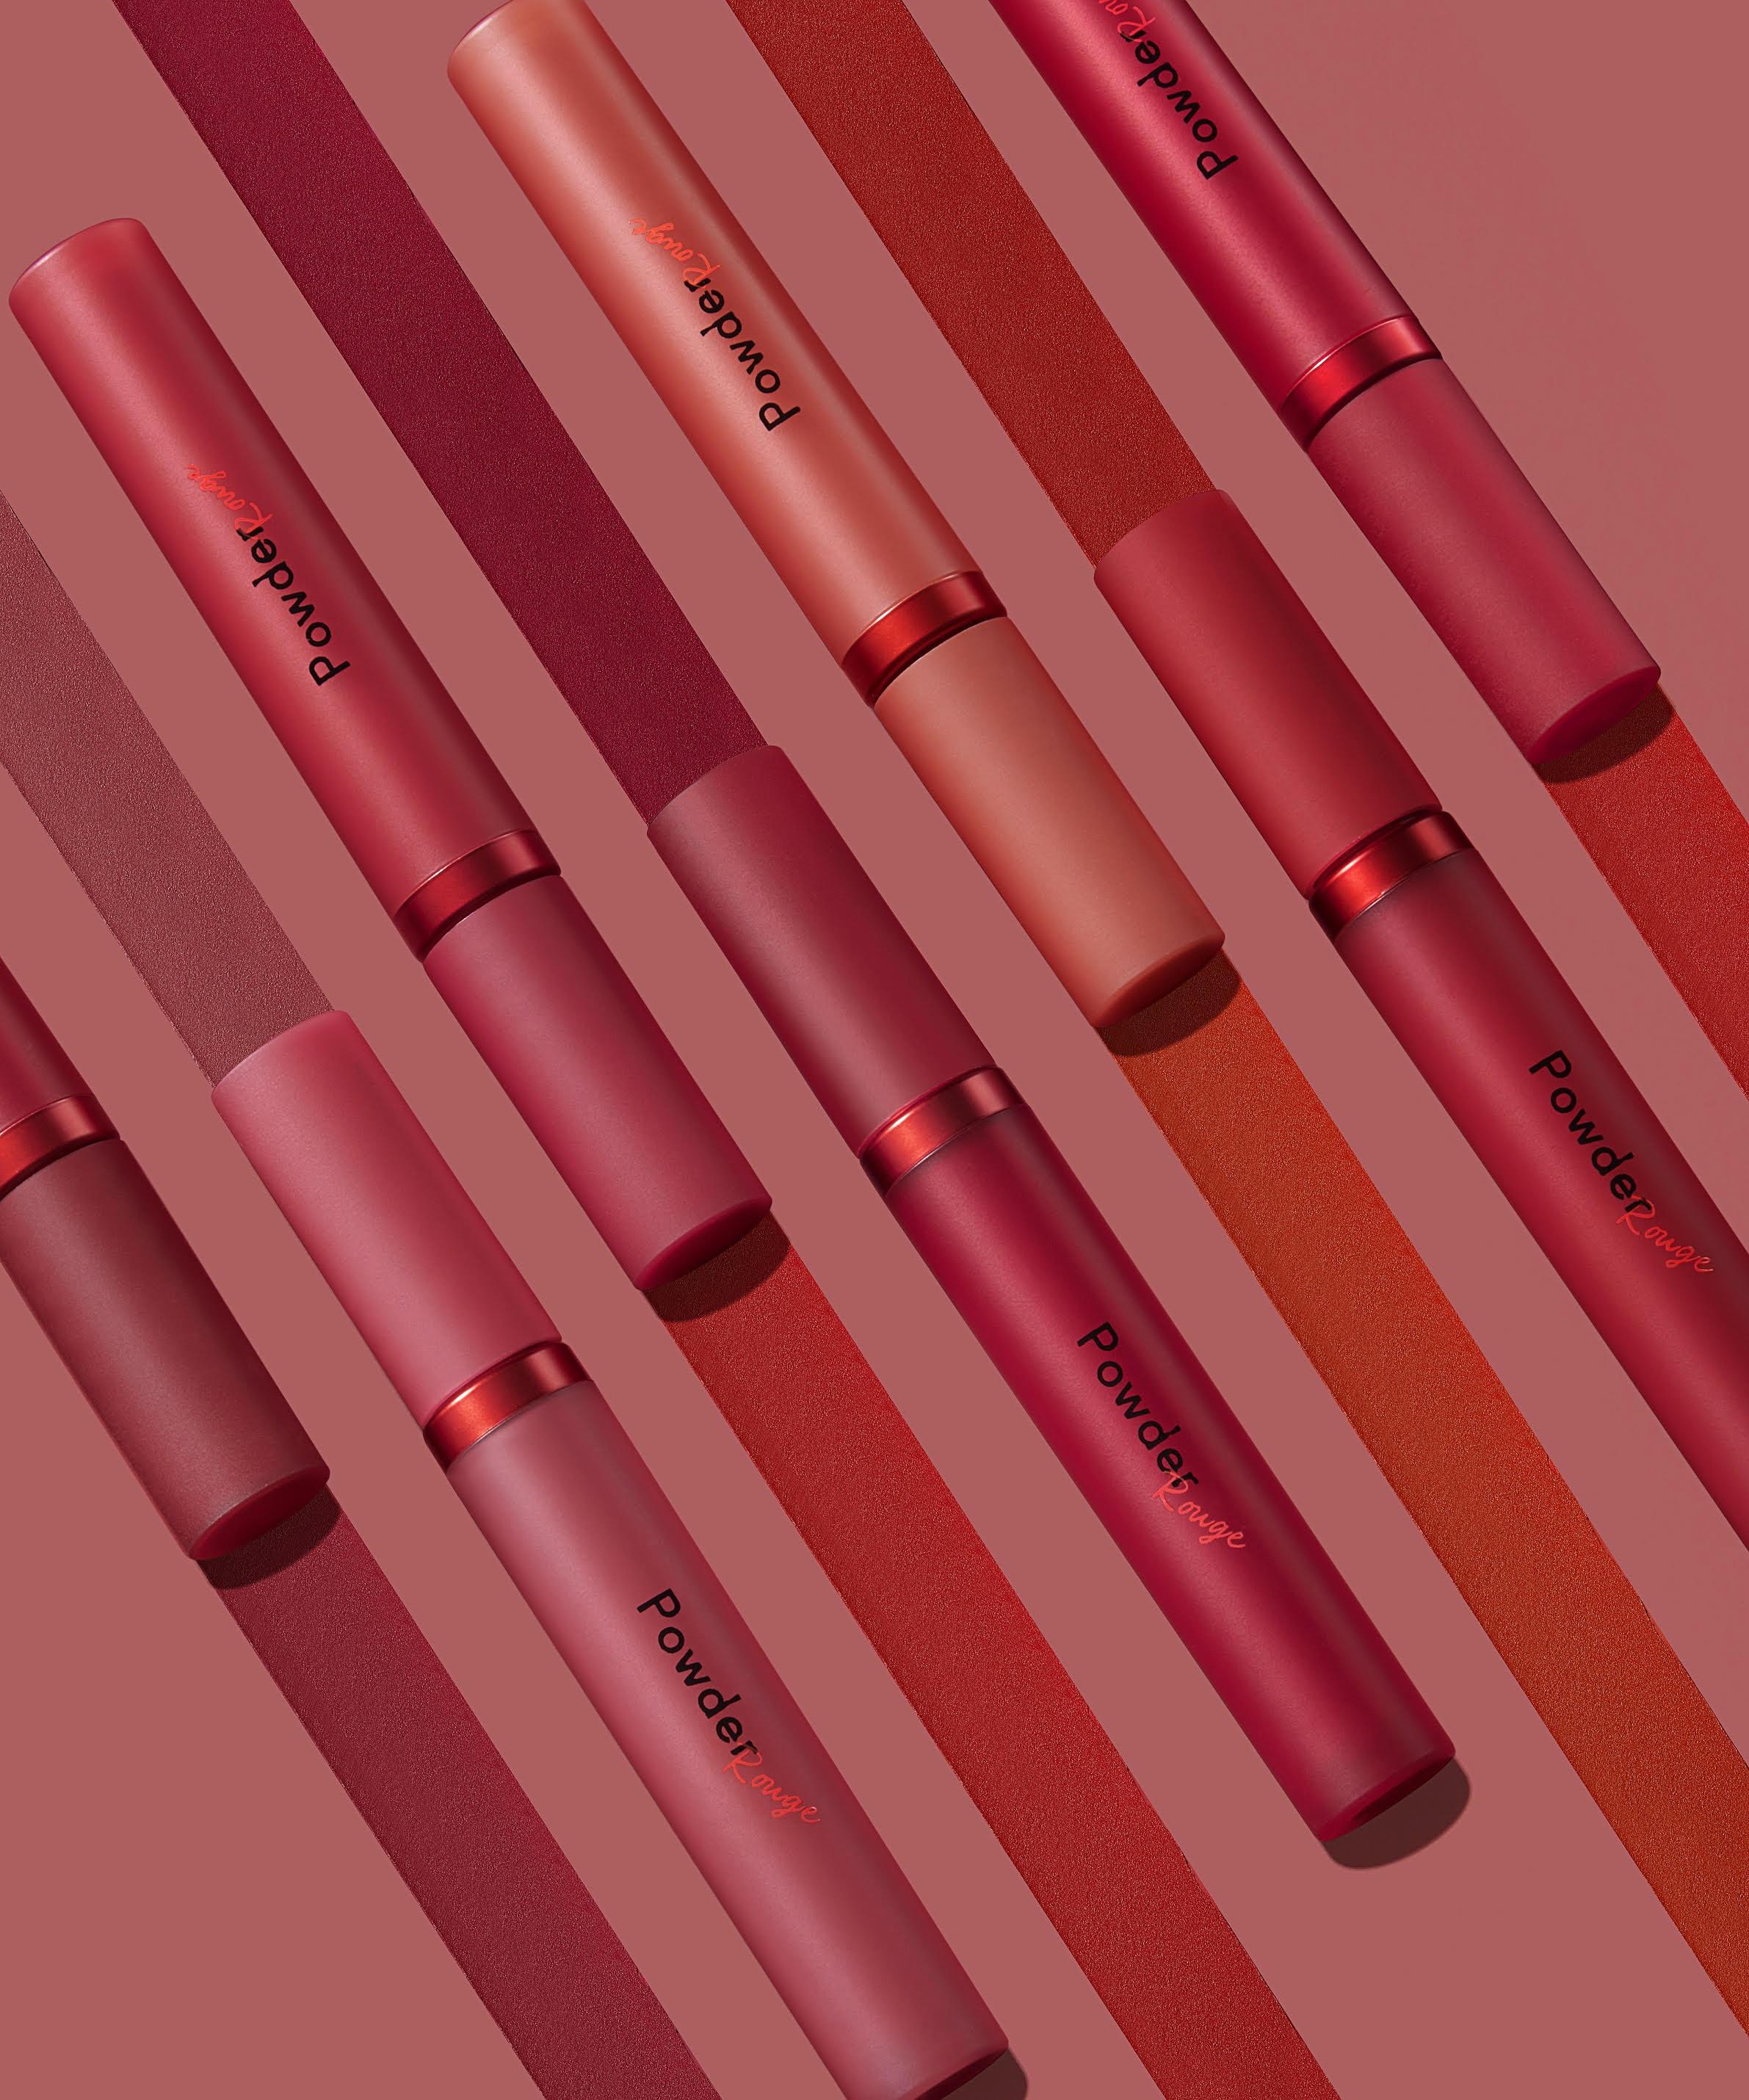 理想の「赤」を見つけて💋❤️濃厚発色のパウダリーティントリップ『パウダールージュティント』